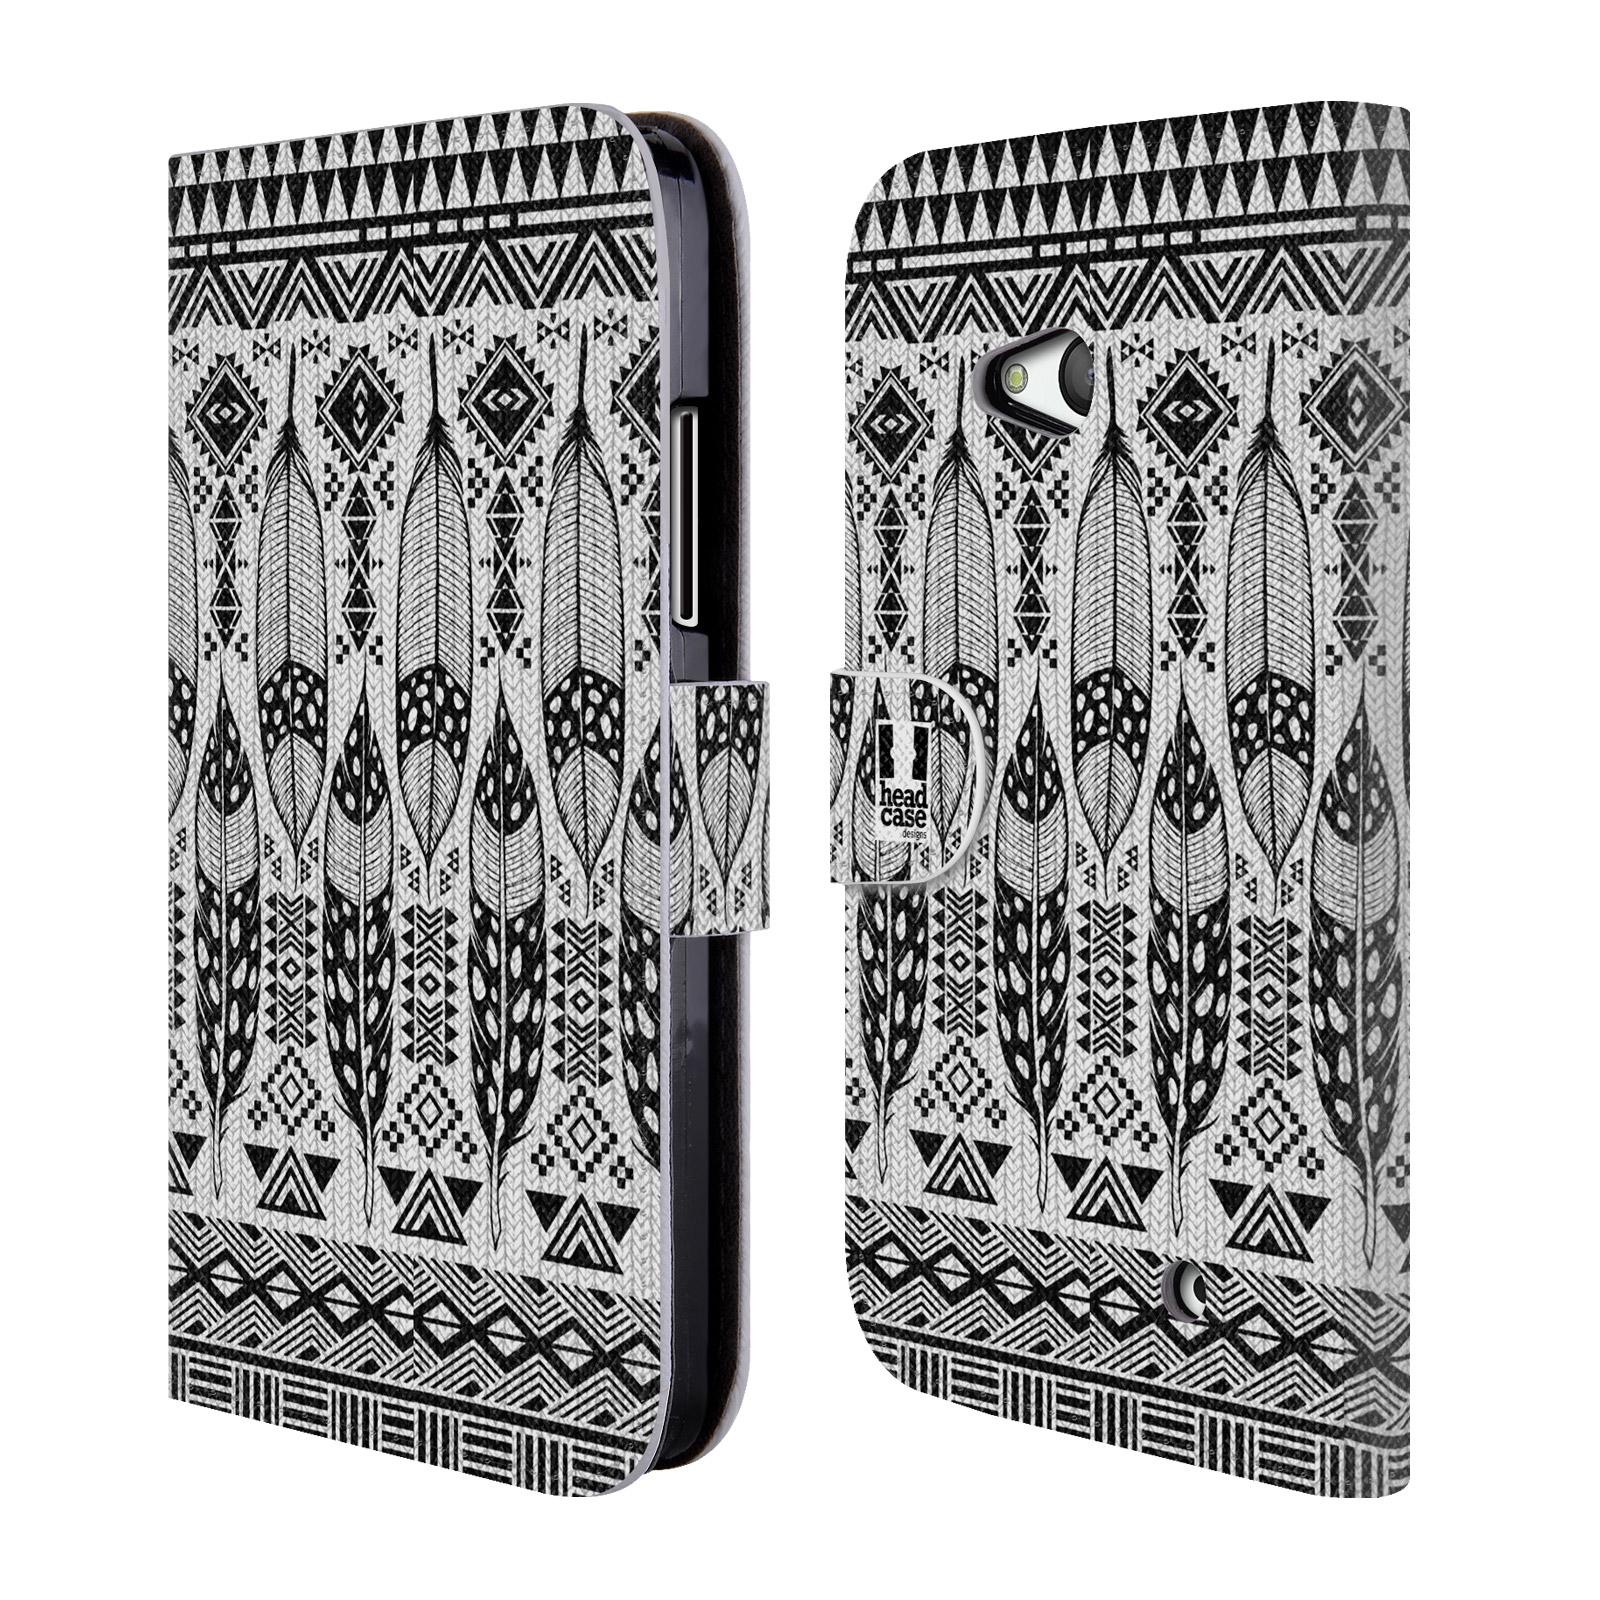 HEAD CASE Flipové pouzdro pro mobil NOKIA / MICROSOFT LUMIA 640 / LUMIA 640 DUAL černá a bílá barva tenká pírka